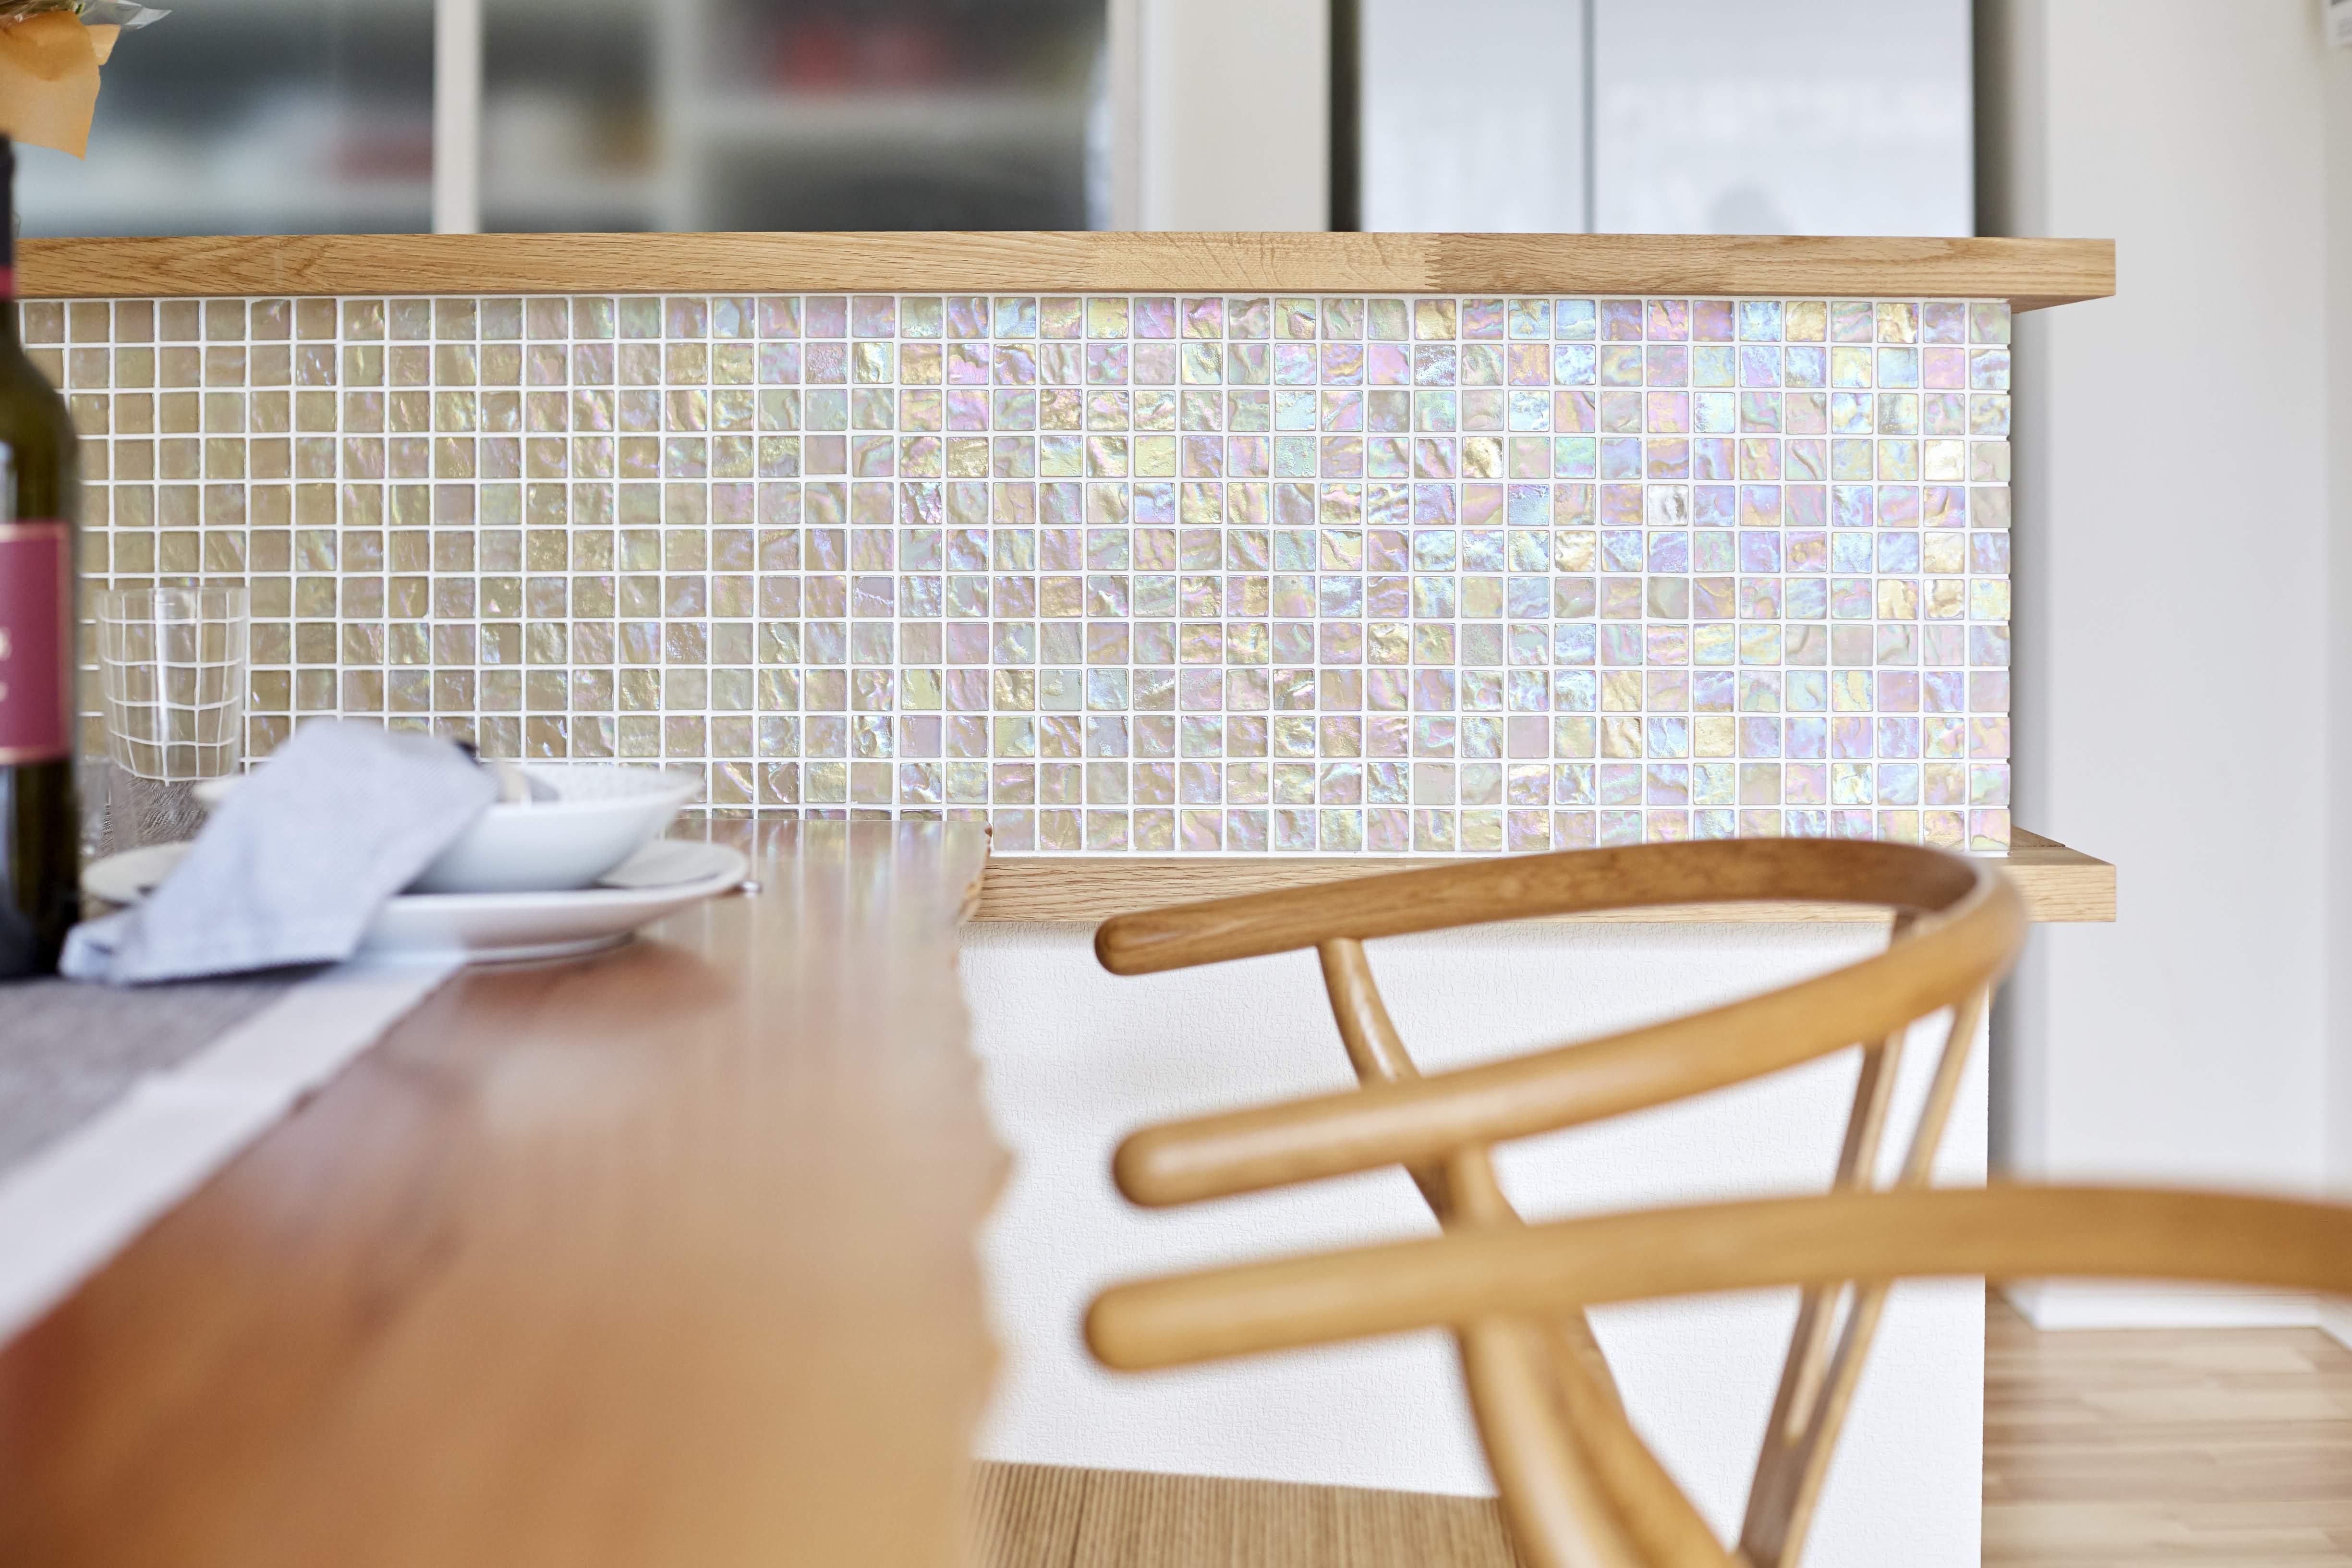 シェルガラスタイルを採用し特徴的なキッチン